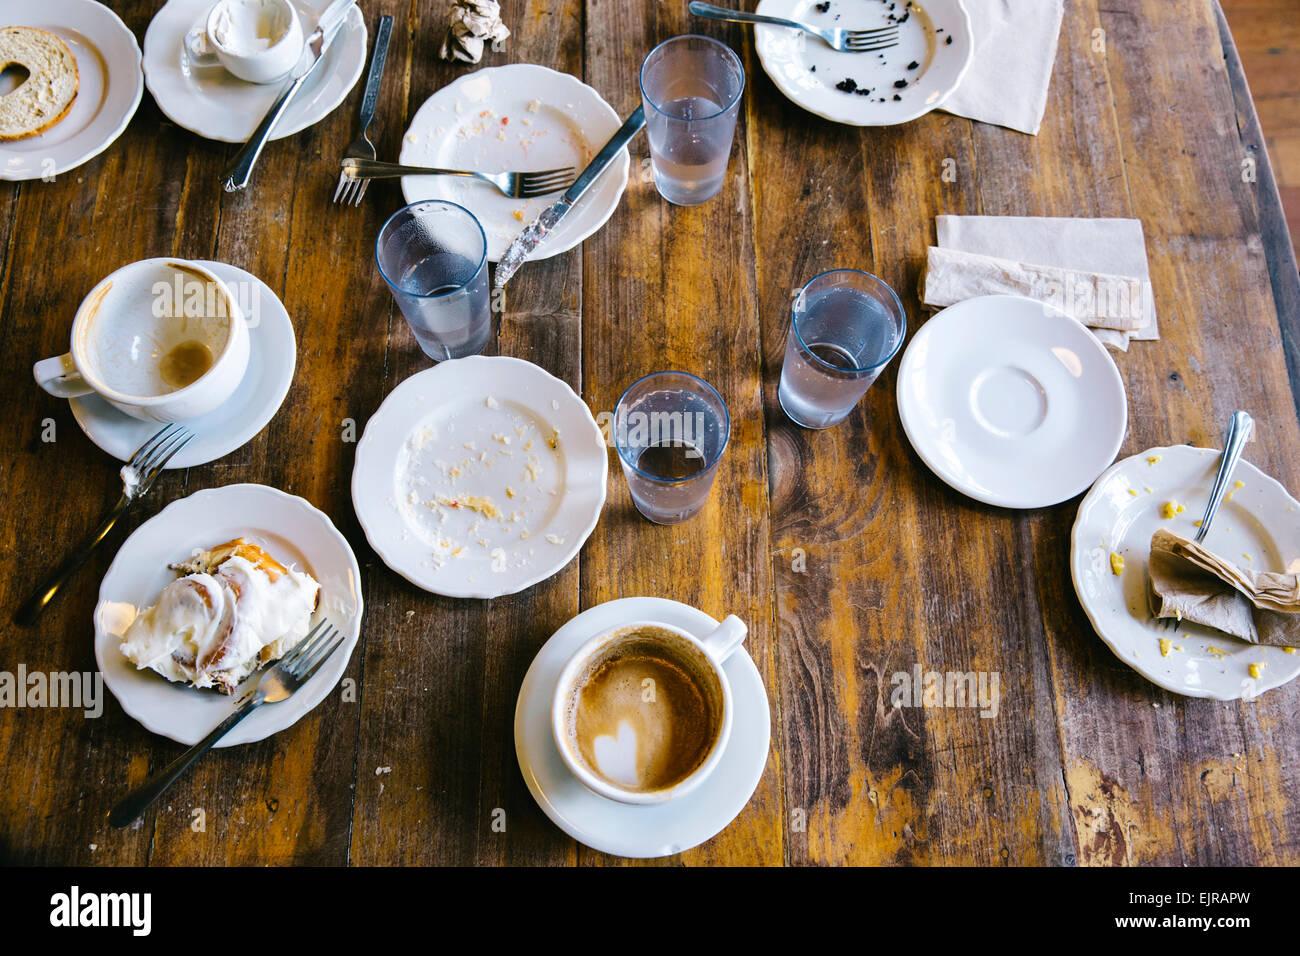 Platos vacíos, las tazas de café y vasos sobre la mesita de café Foto de stock